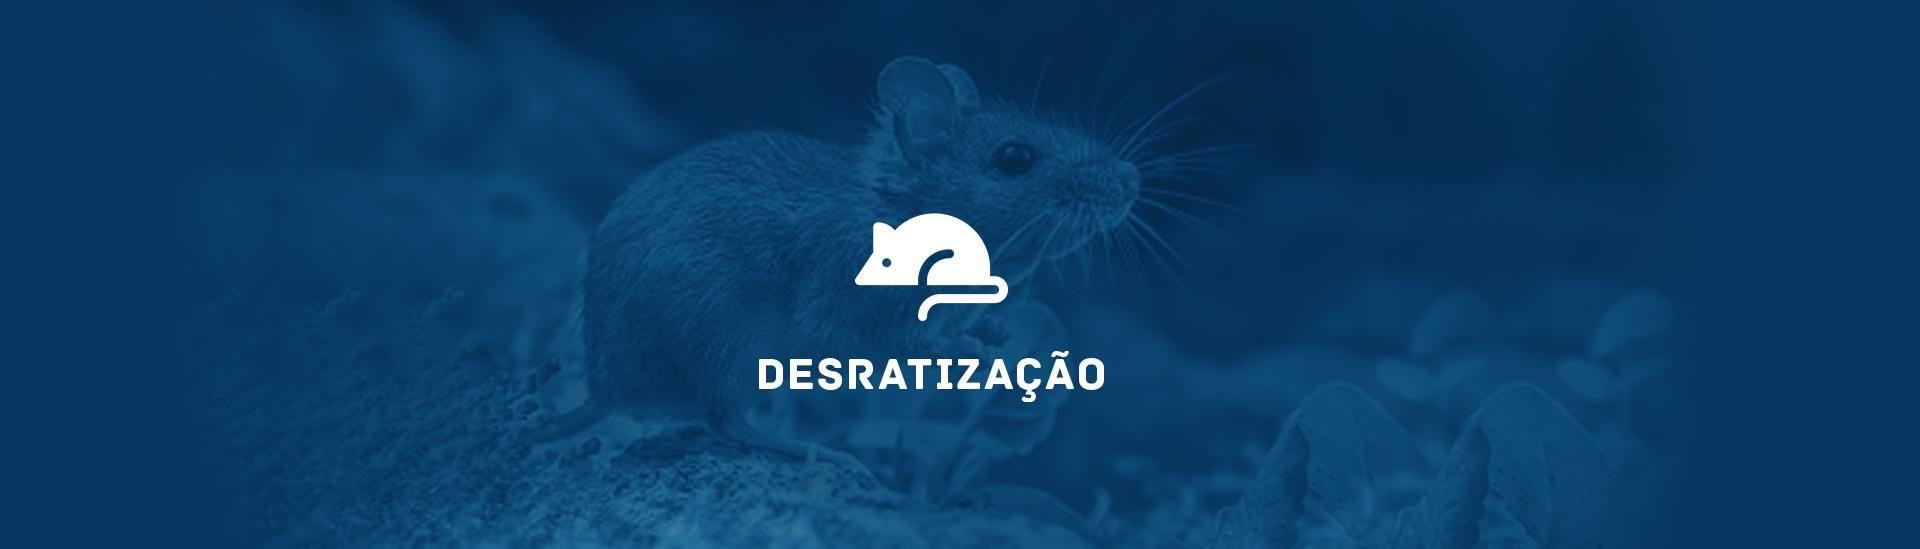 Desratização em São Paulo